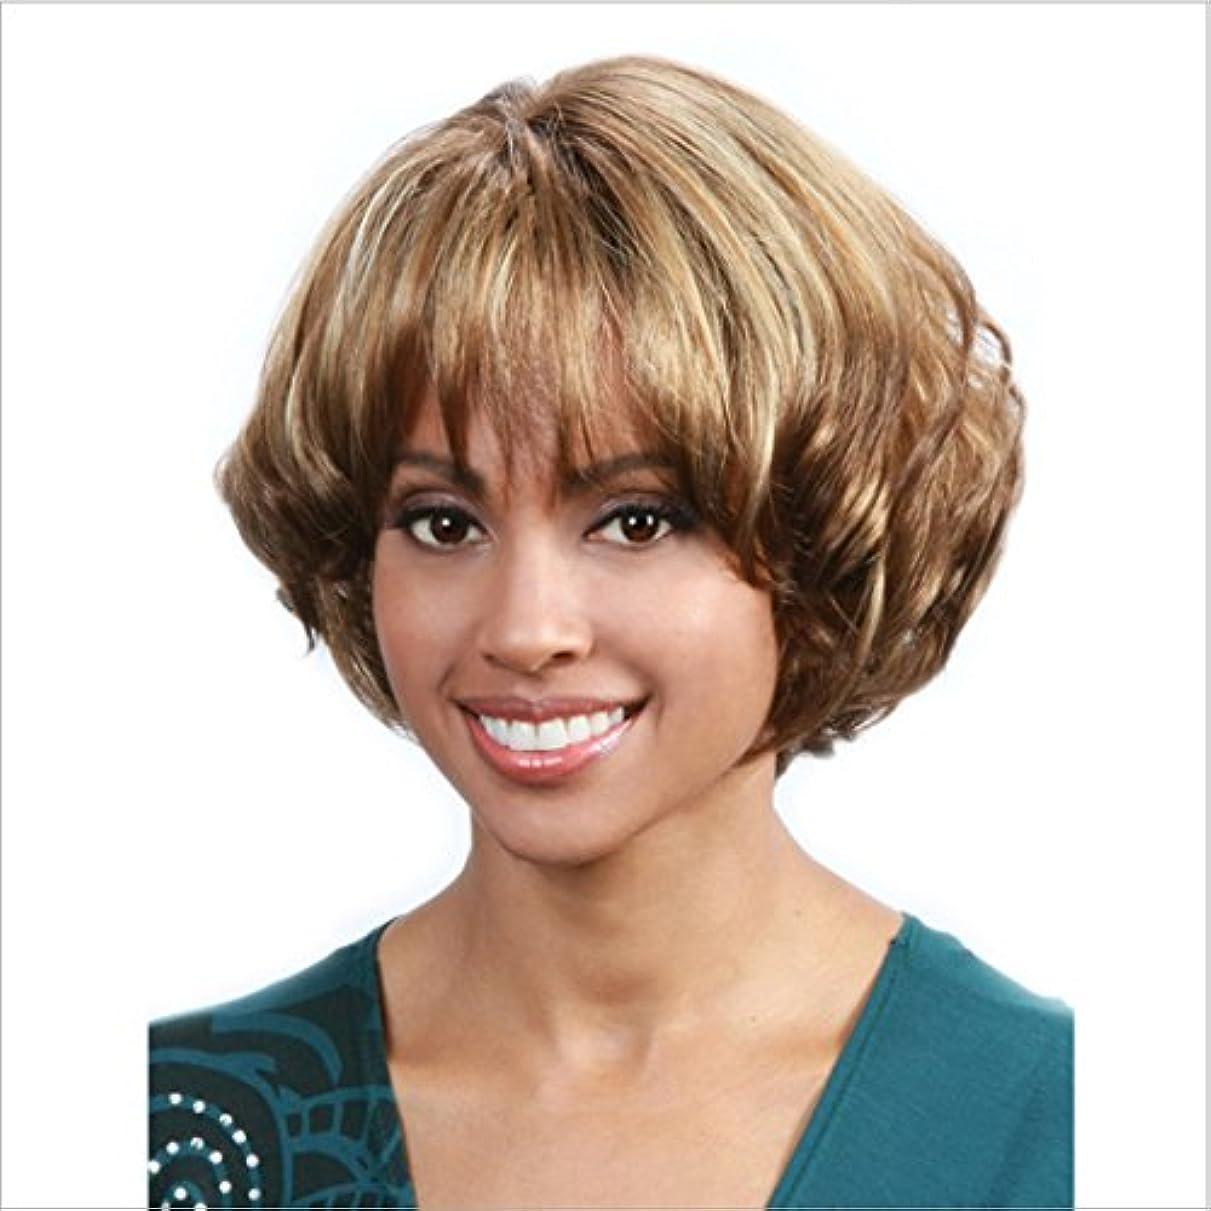 漏れ契約した真面目なYOUQIU フラッツ前髪10インチ/ 150グラムのウィッグと白い女性ショート茶色と黒のウィッグ耐熱Resisitant髪ふわふわウィッグのために混合色のウィッグカーリー人工毛 (色 : Brown and black)